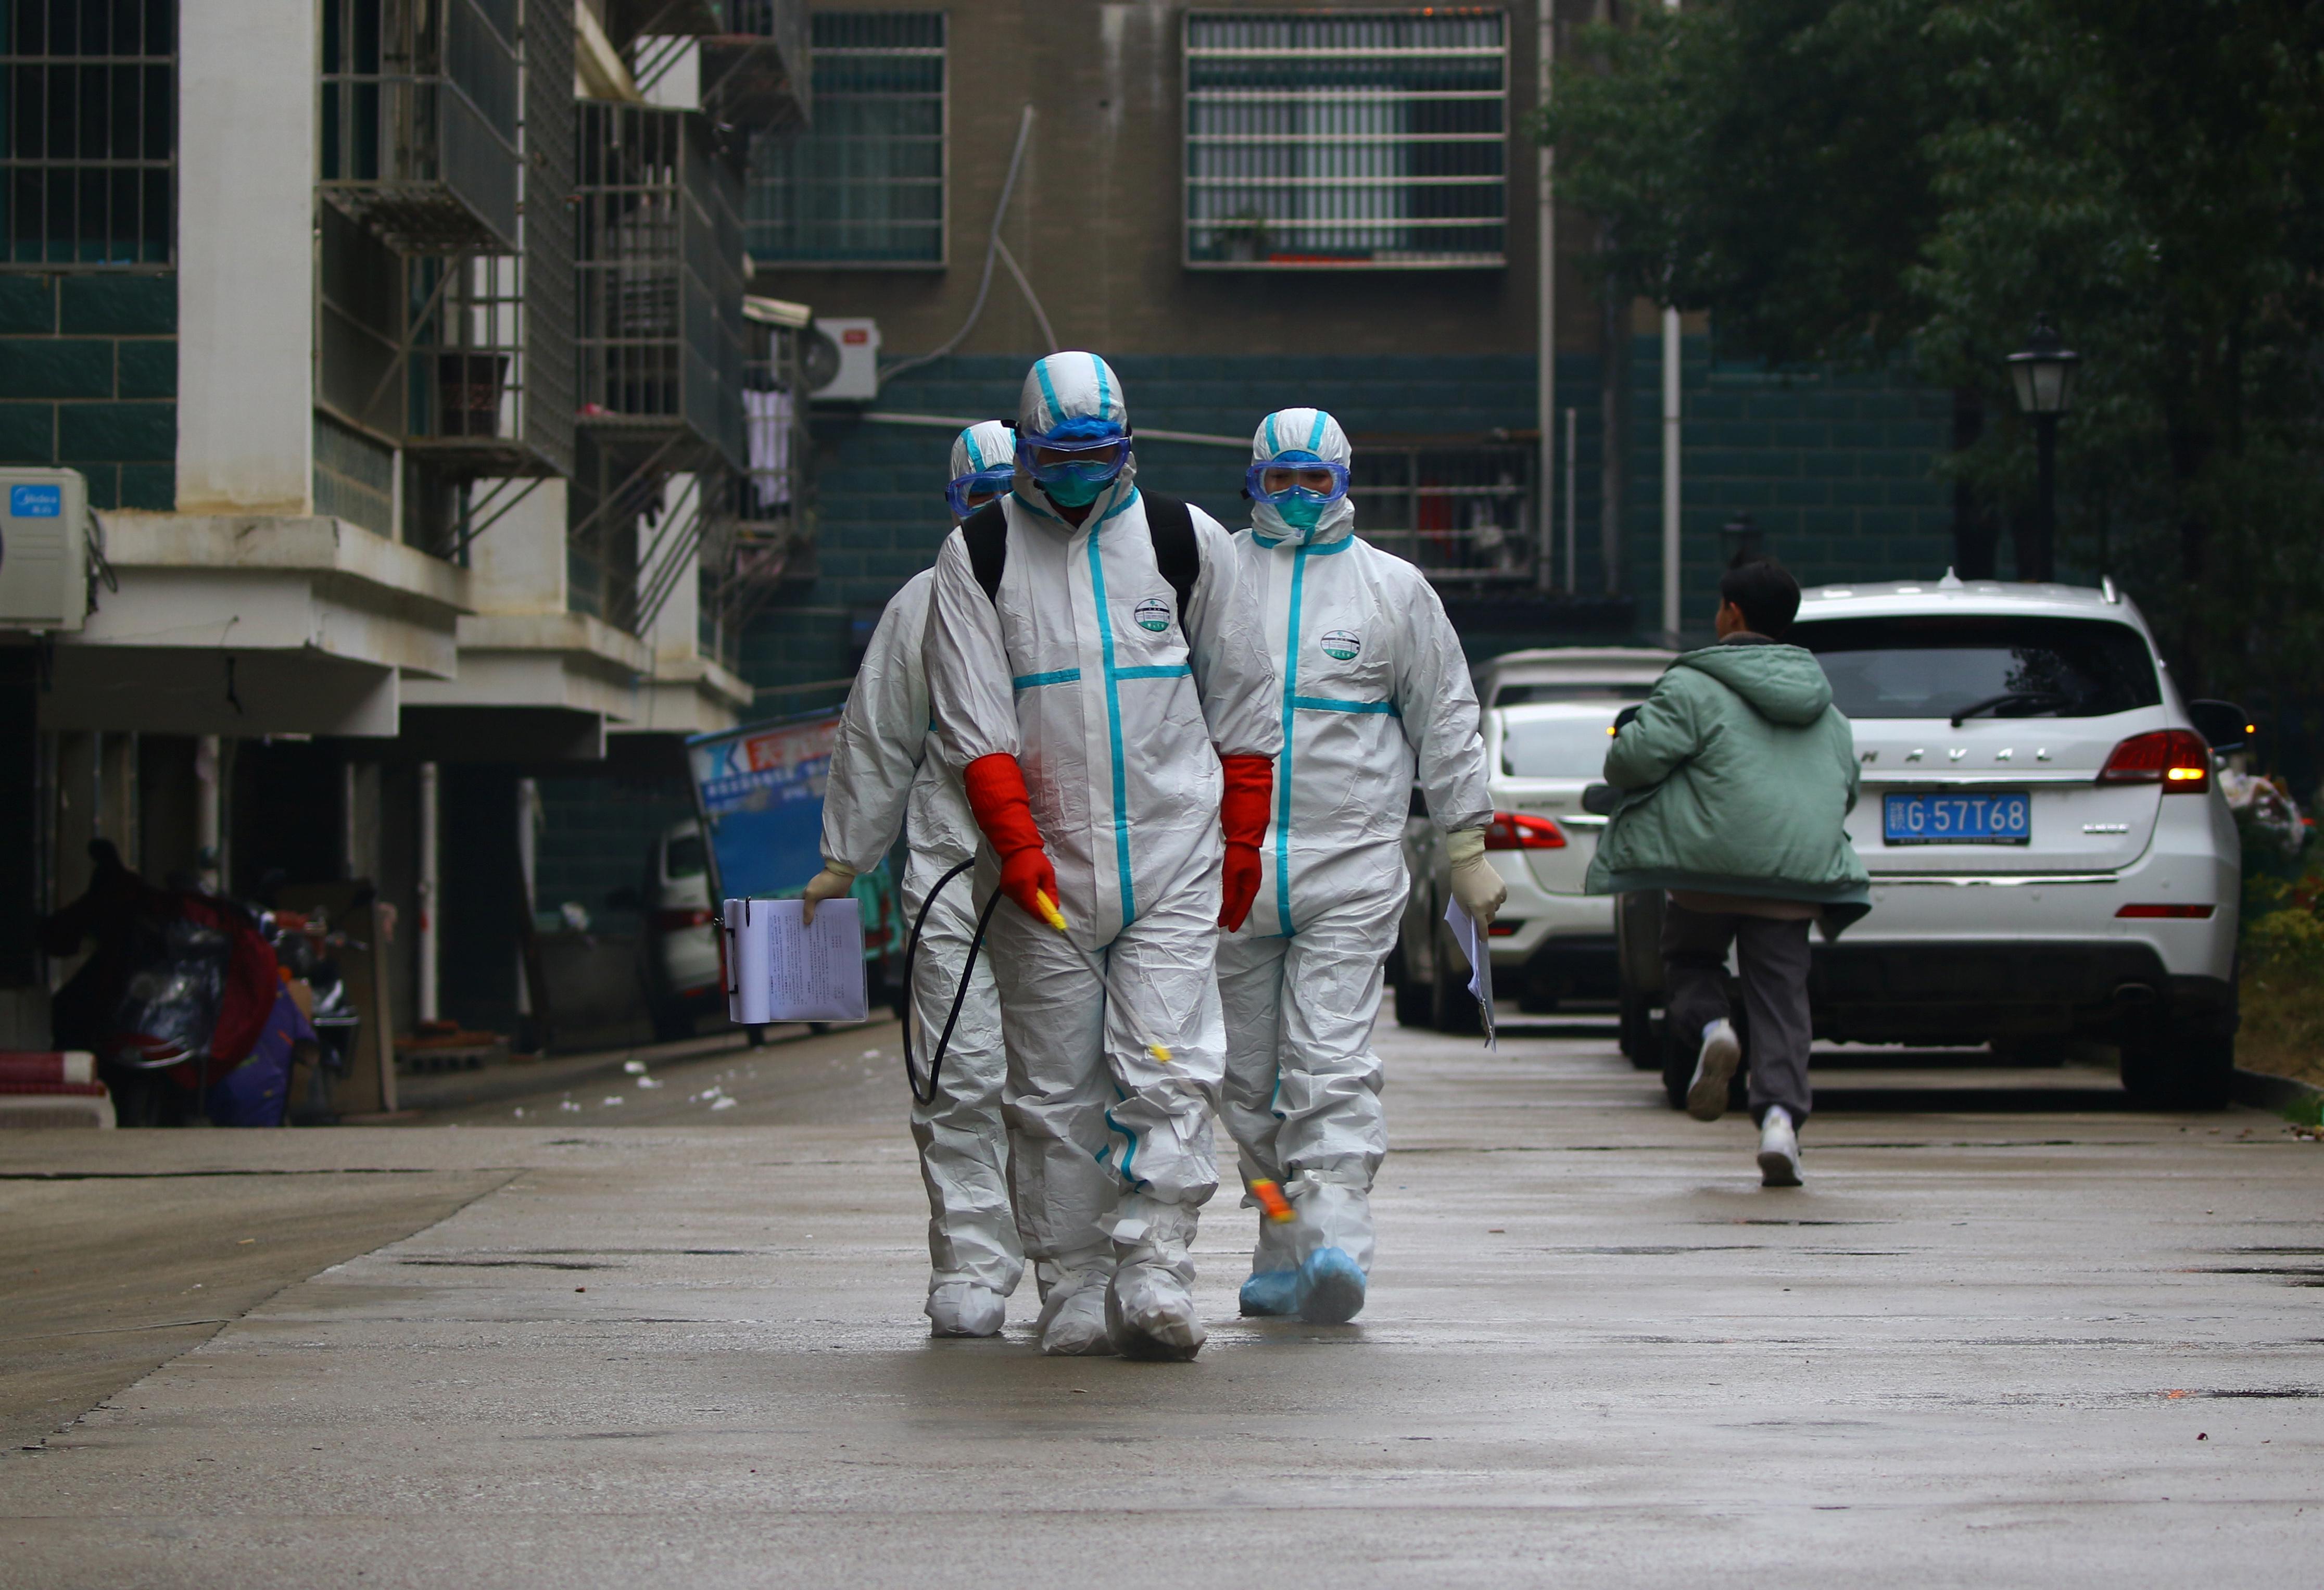 Hong Kong bans entry of visitors from China virus province